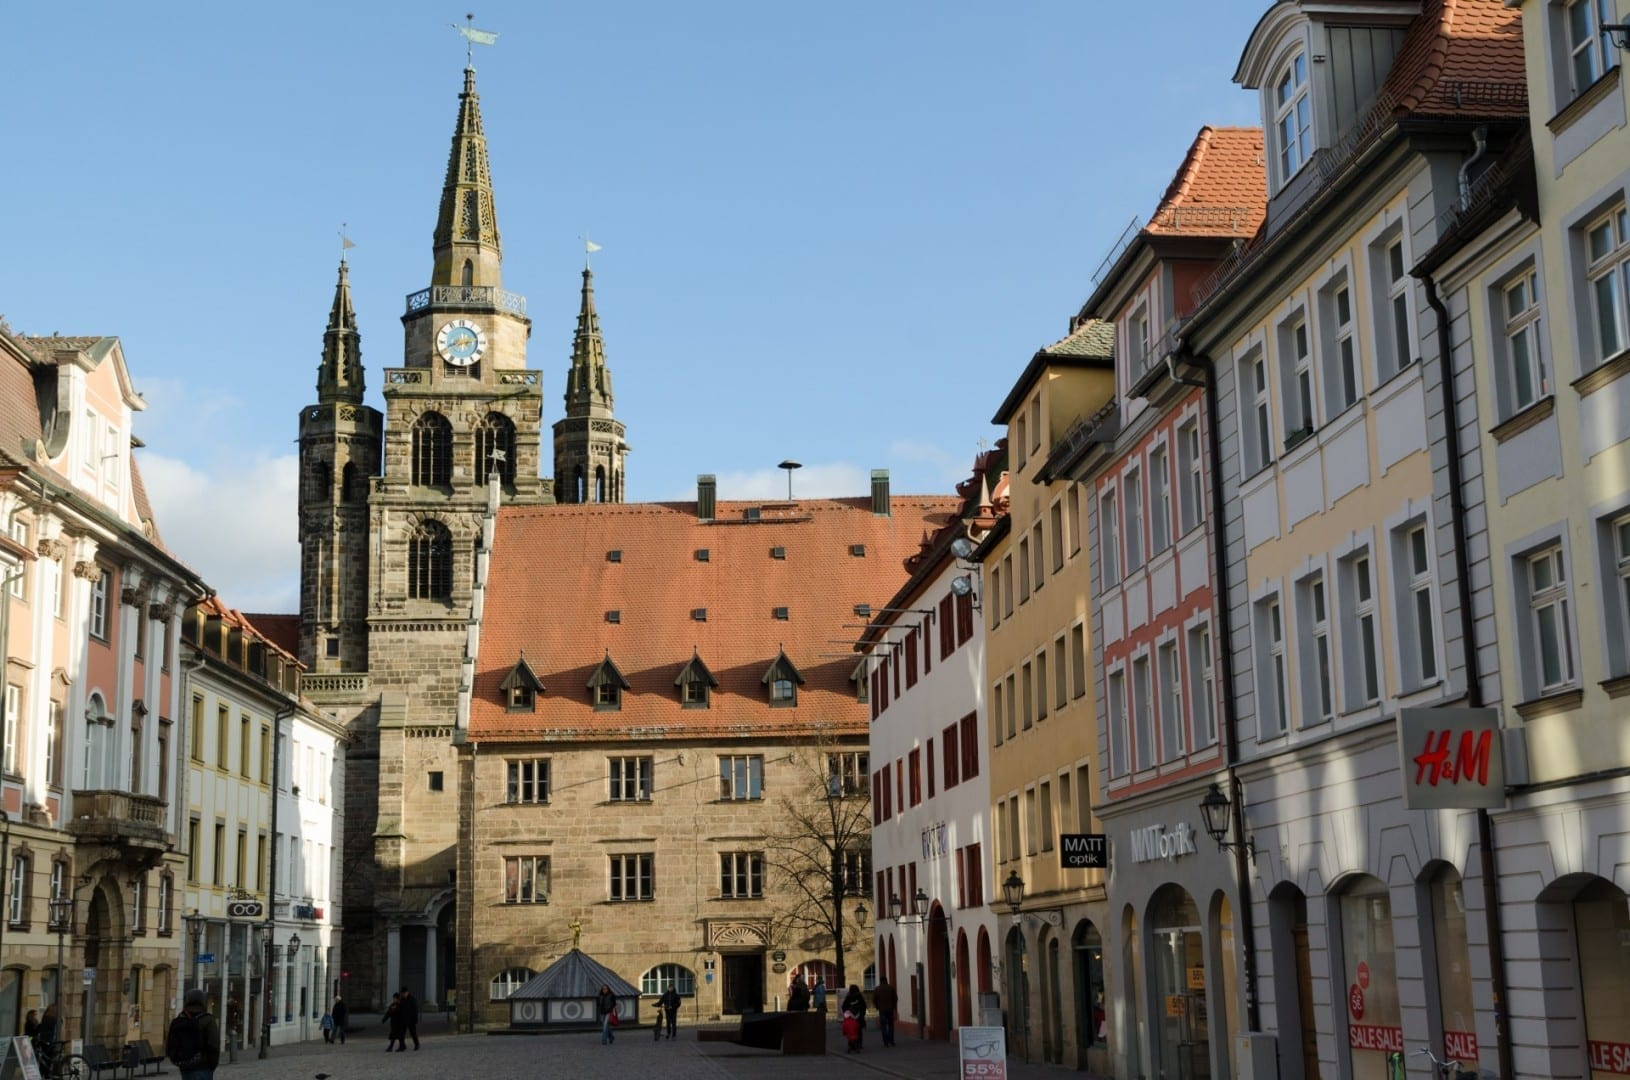 Vista del casco antiguo y de la iglesia de San Gumberto Ansbach Alemania